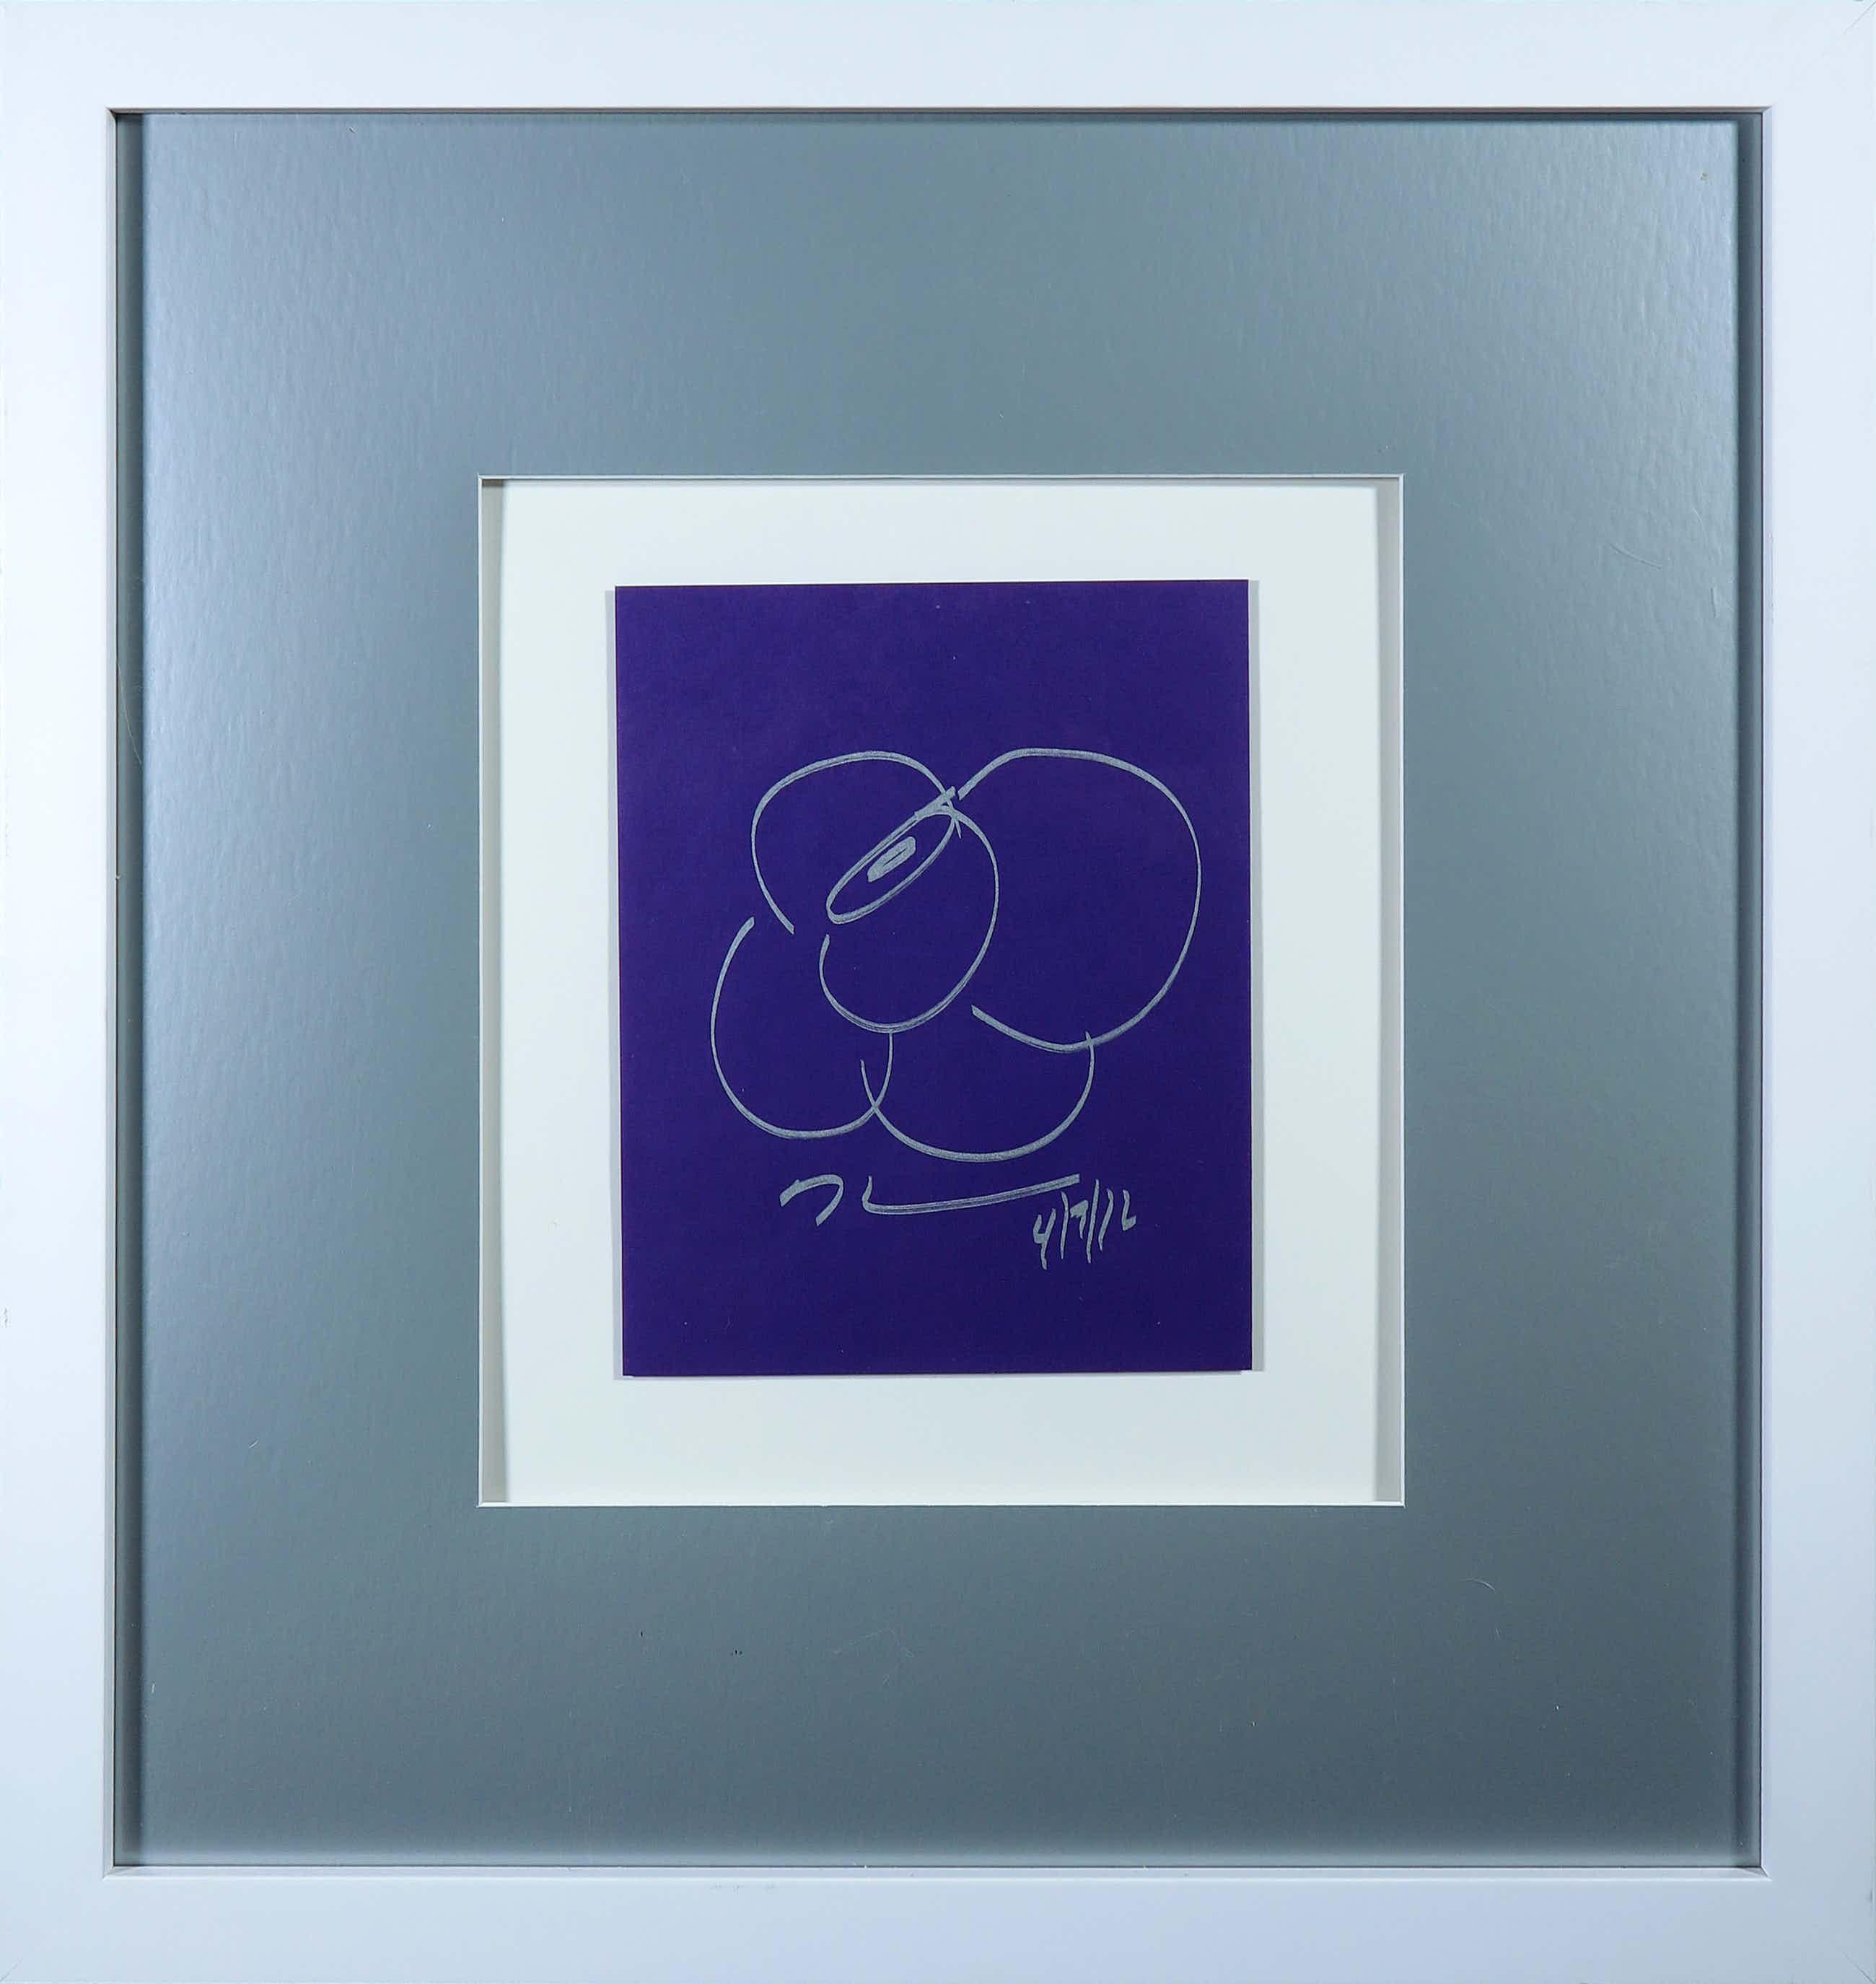 Jeff Koons - Tekening in zilveren stift op paars papier - Ingelijst (+ Boek) kopen? Bied vanaf 530!